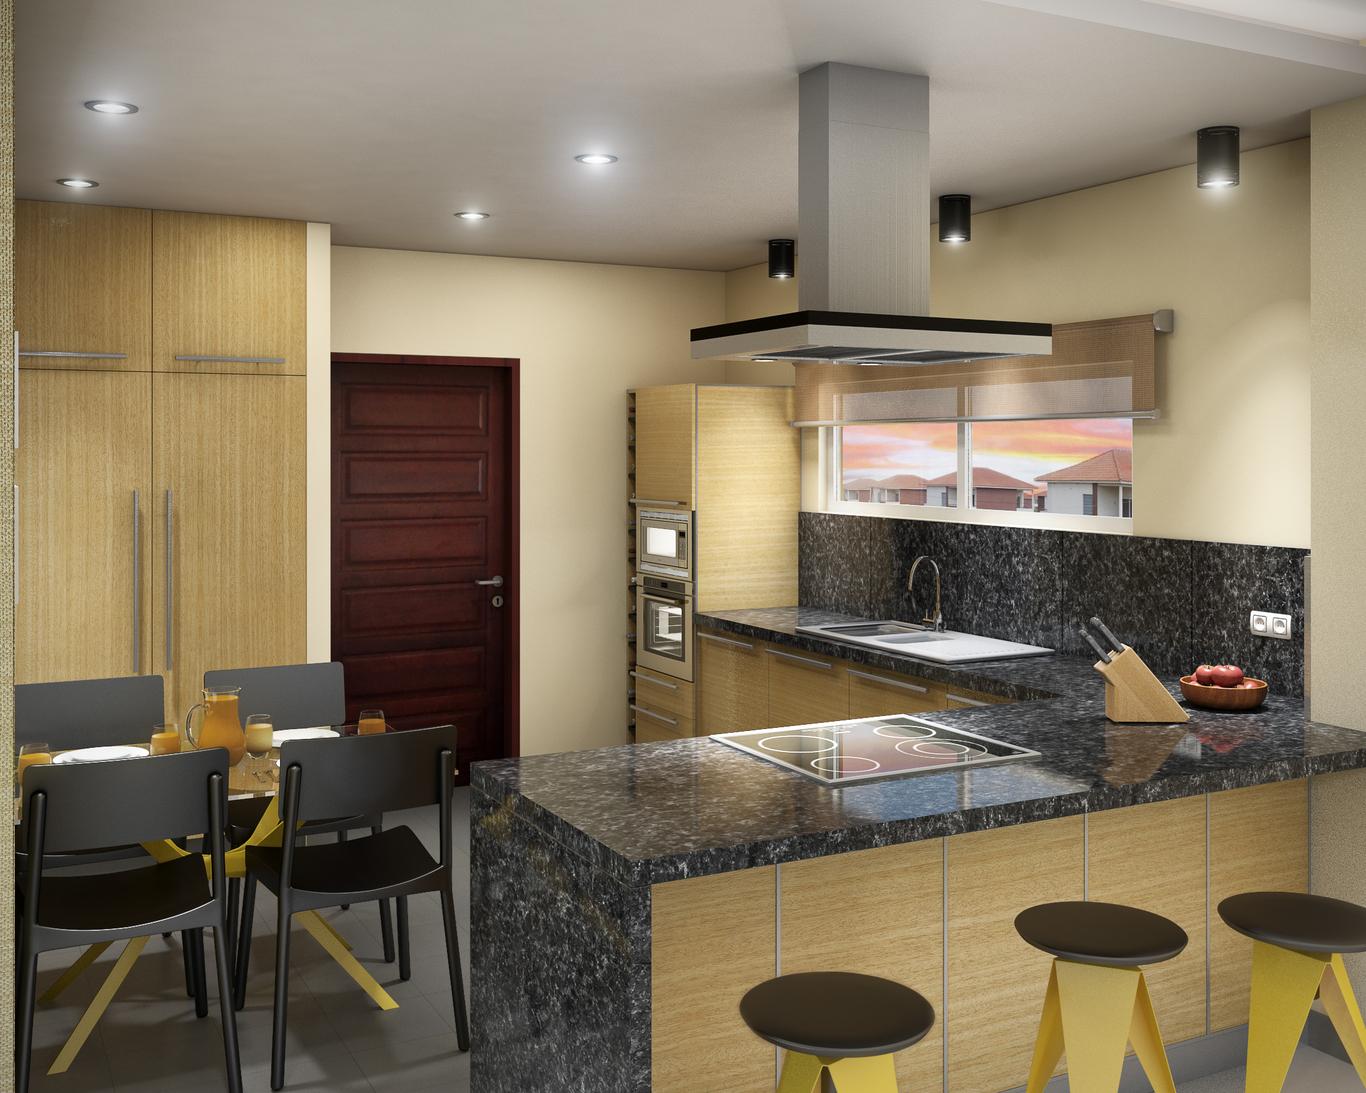 Evanesac kitchen 1 02626d25 13e8